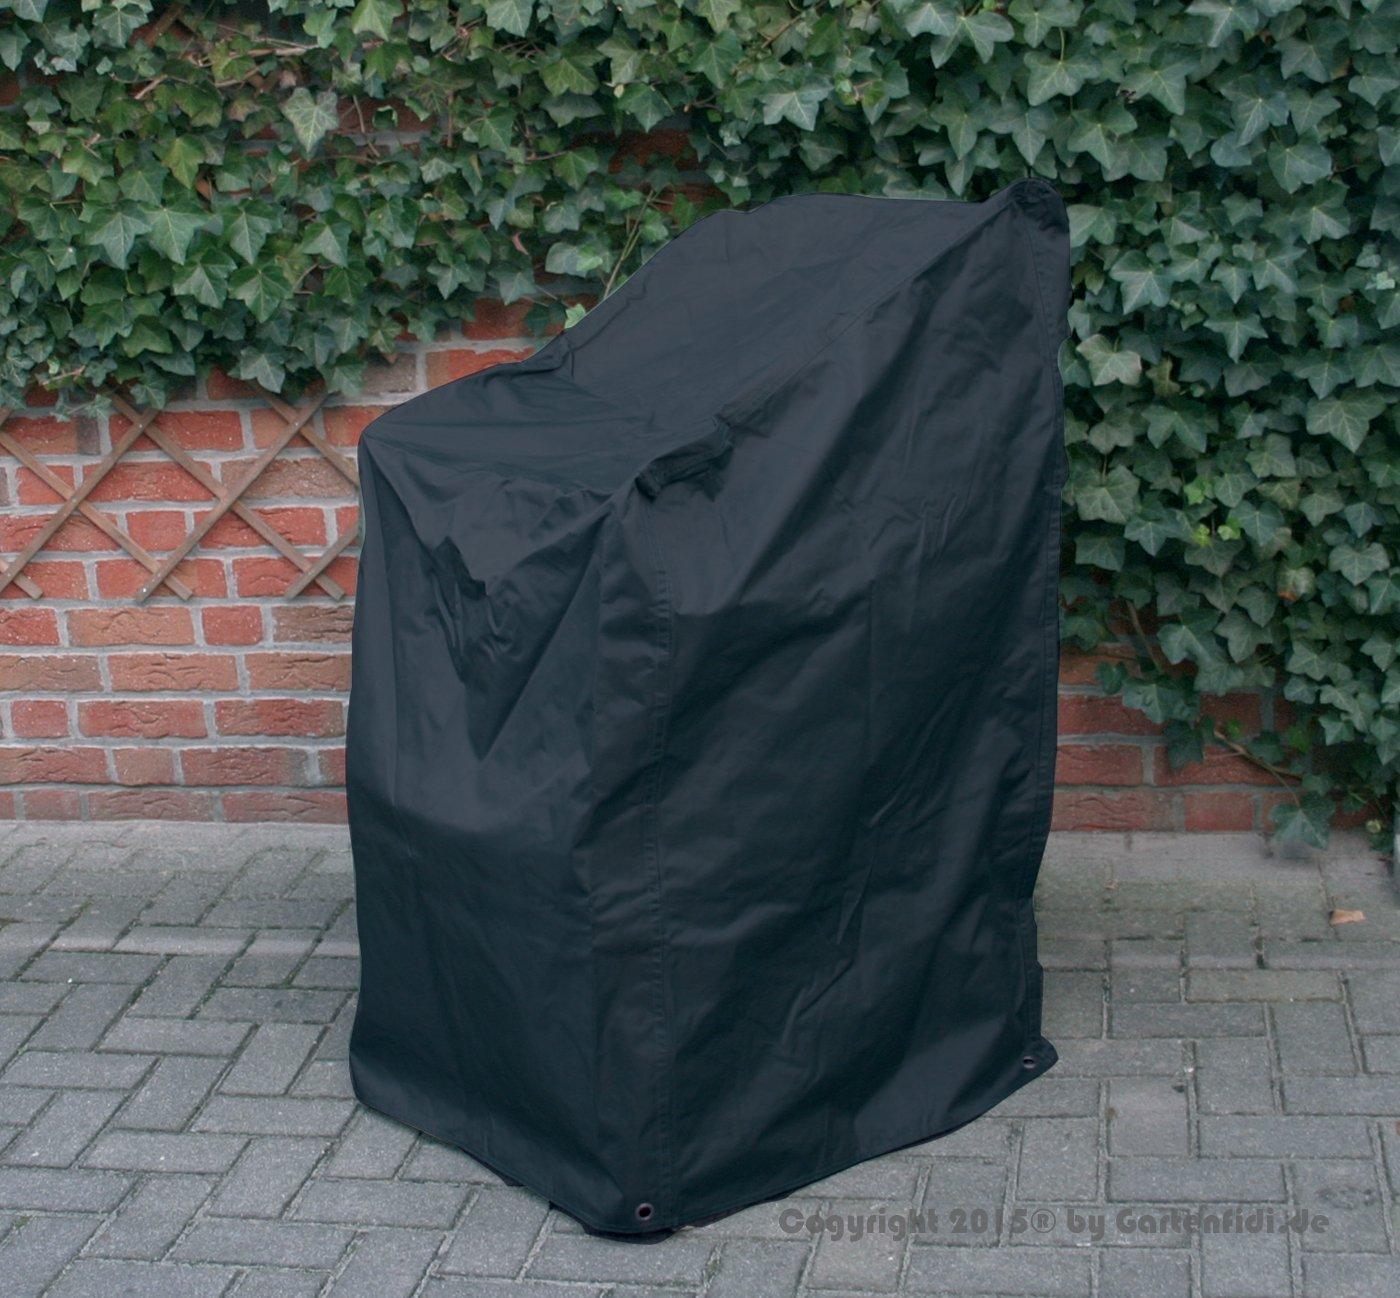 Schutzhülle Poly f. Stuhl/Relax63x66x117 günstig online kaufen